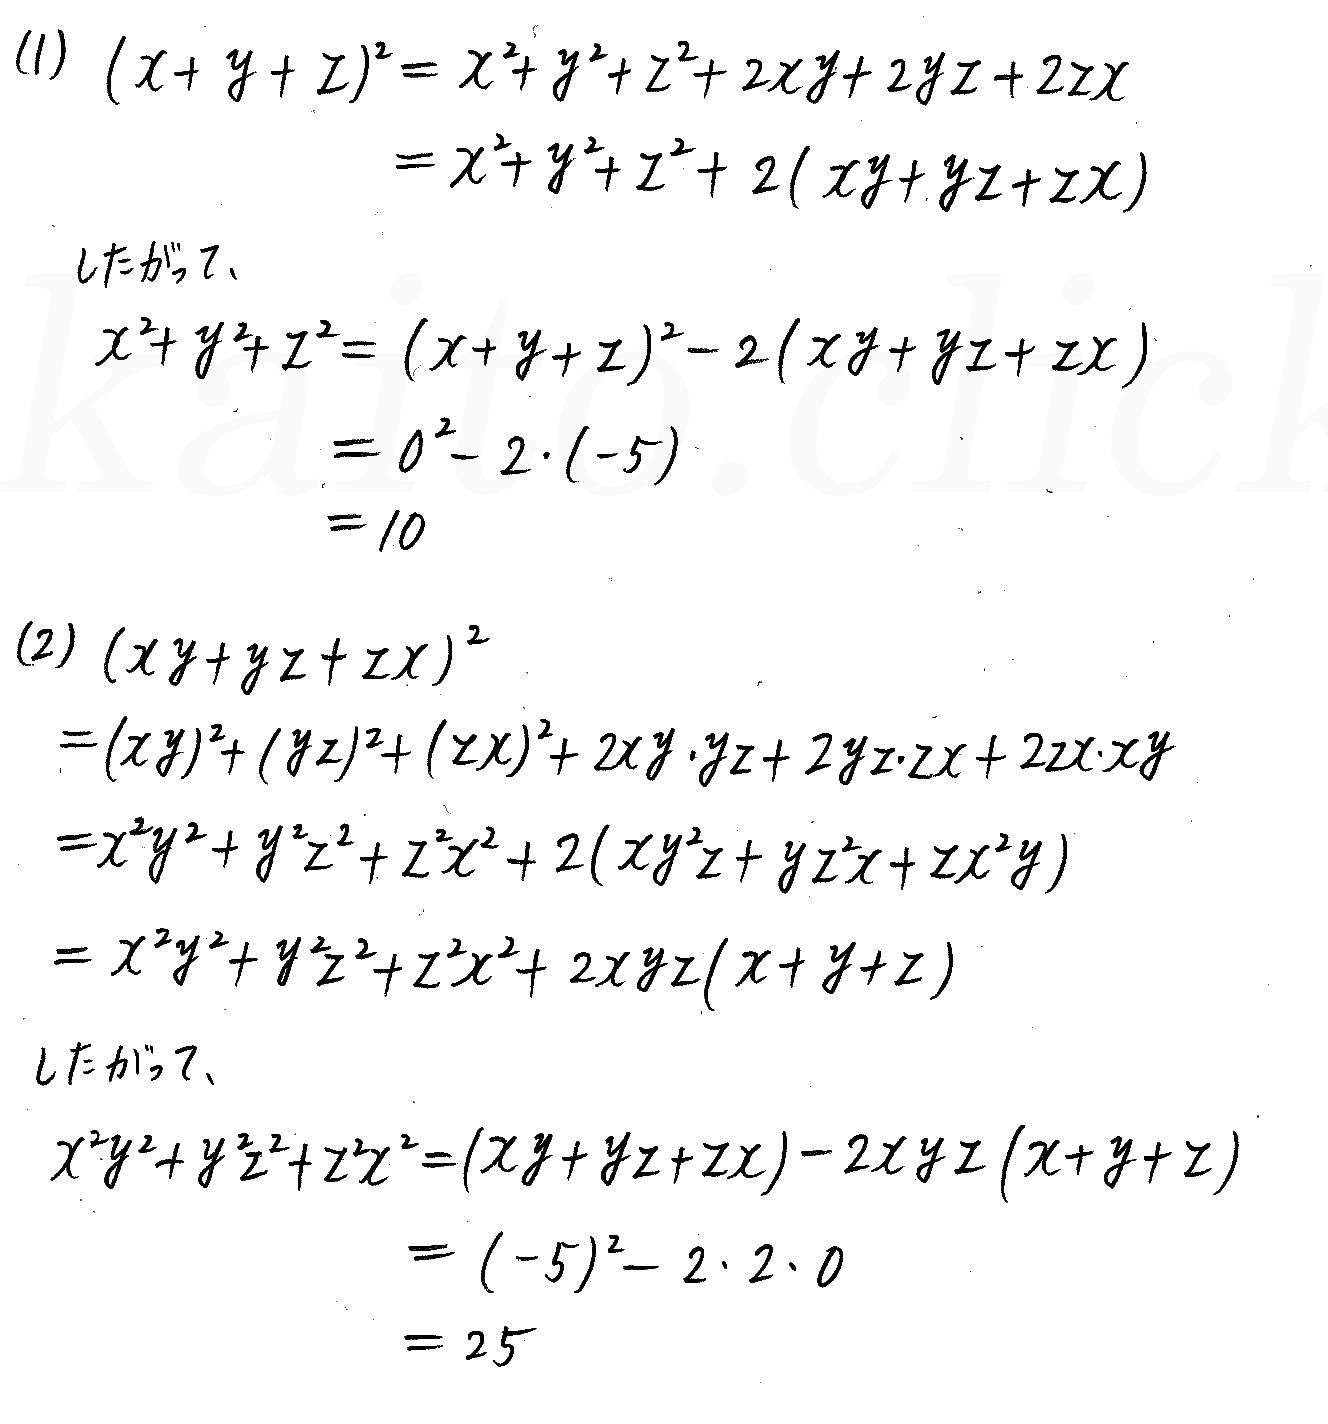 クリアー数学1-98解答